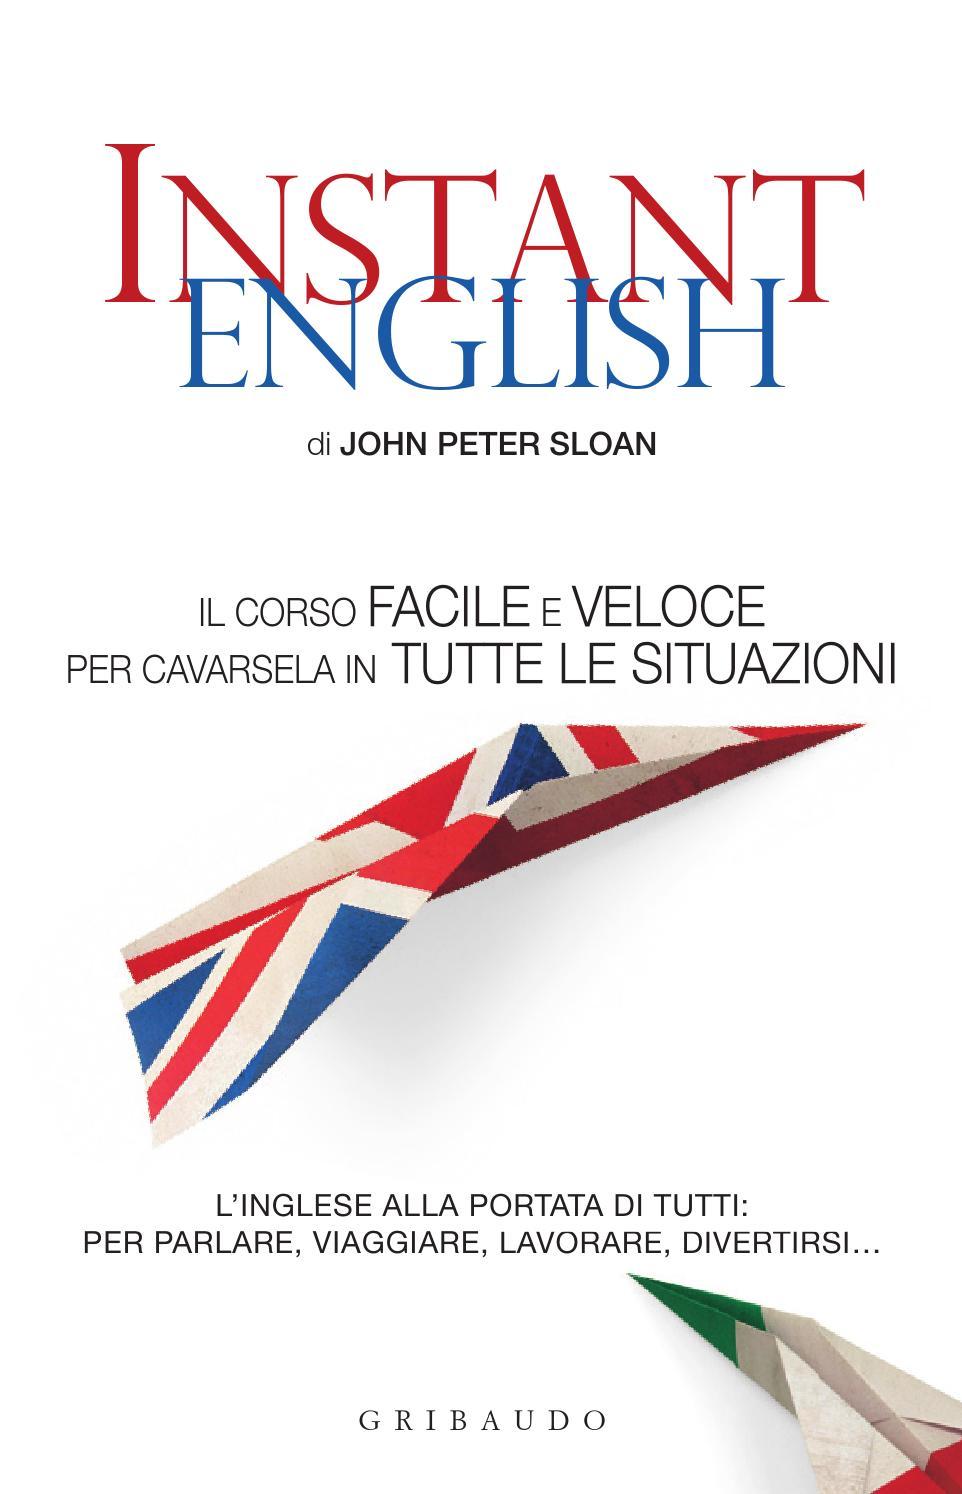 Descrivere Una Stanza Da Letto In Inglese.Instant English 1 By Smartlife Issuu